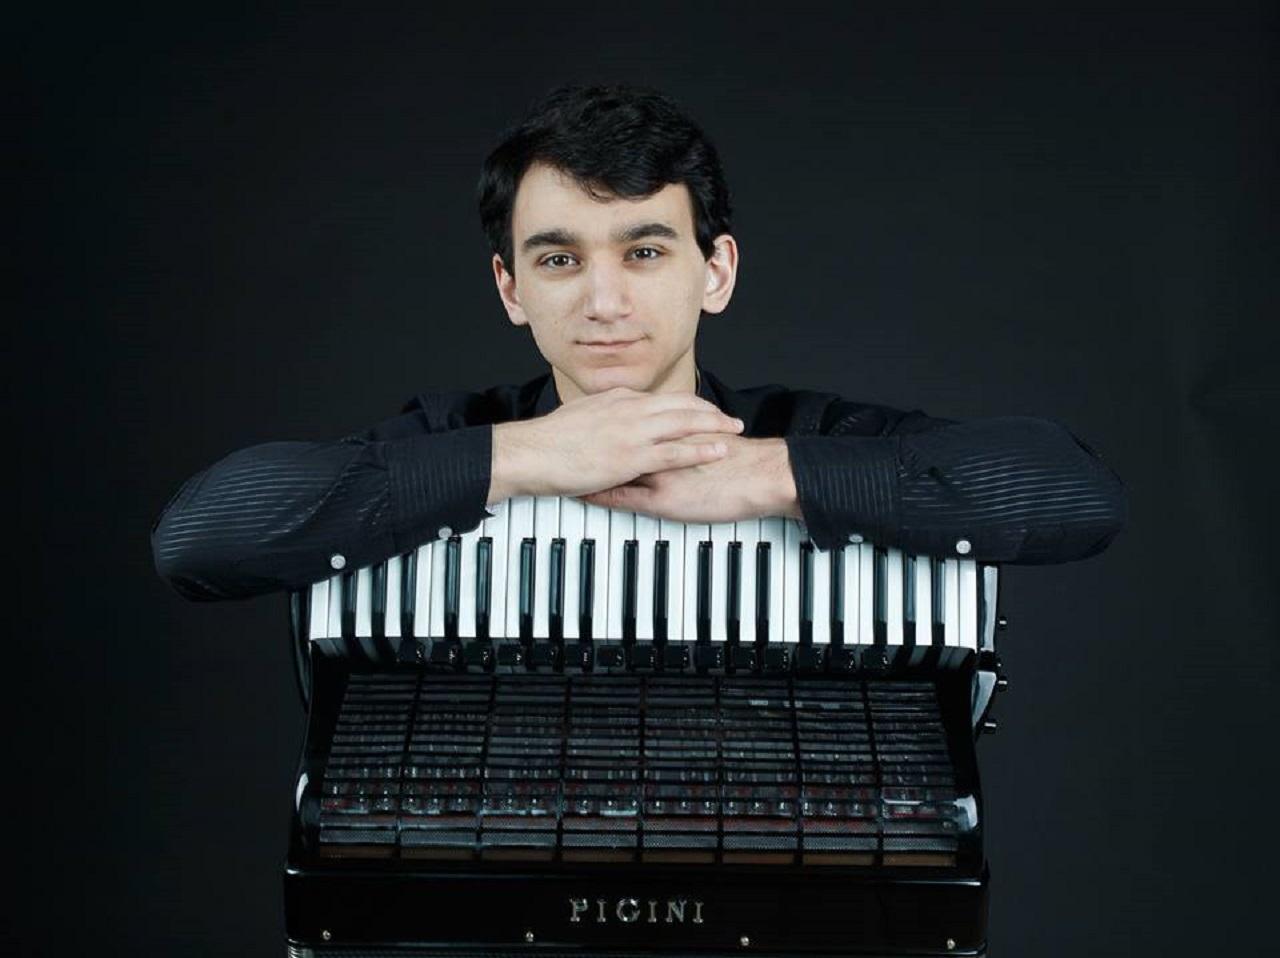 Artem Malhasyan